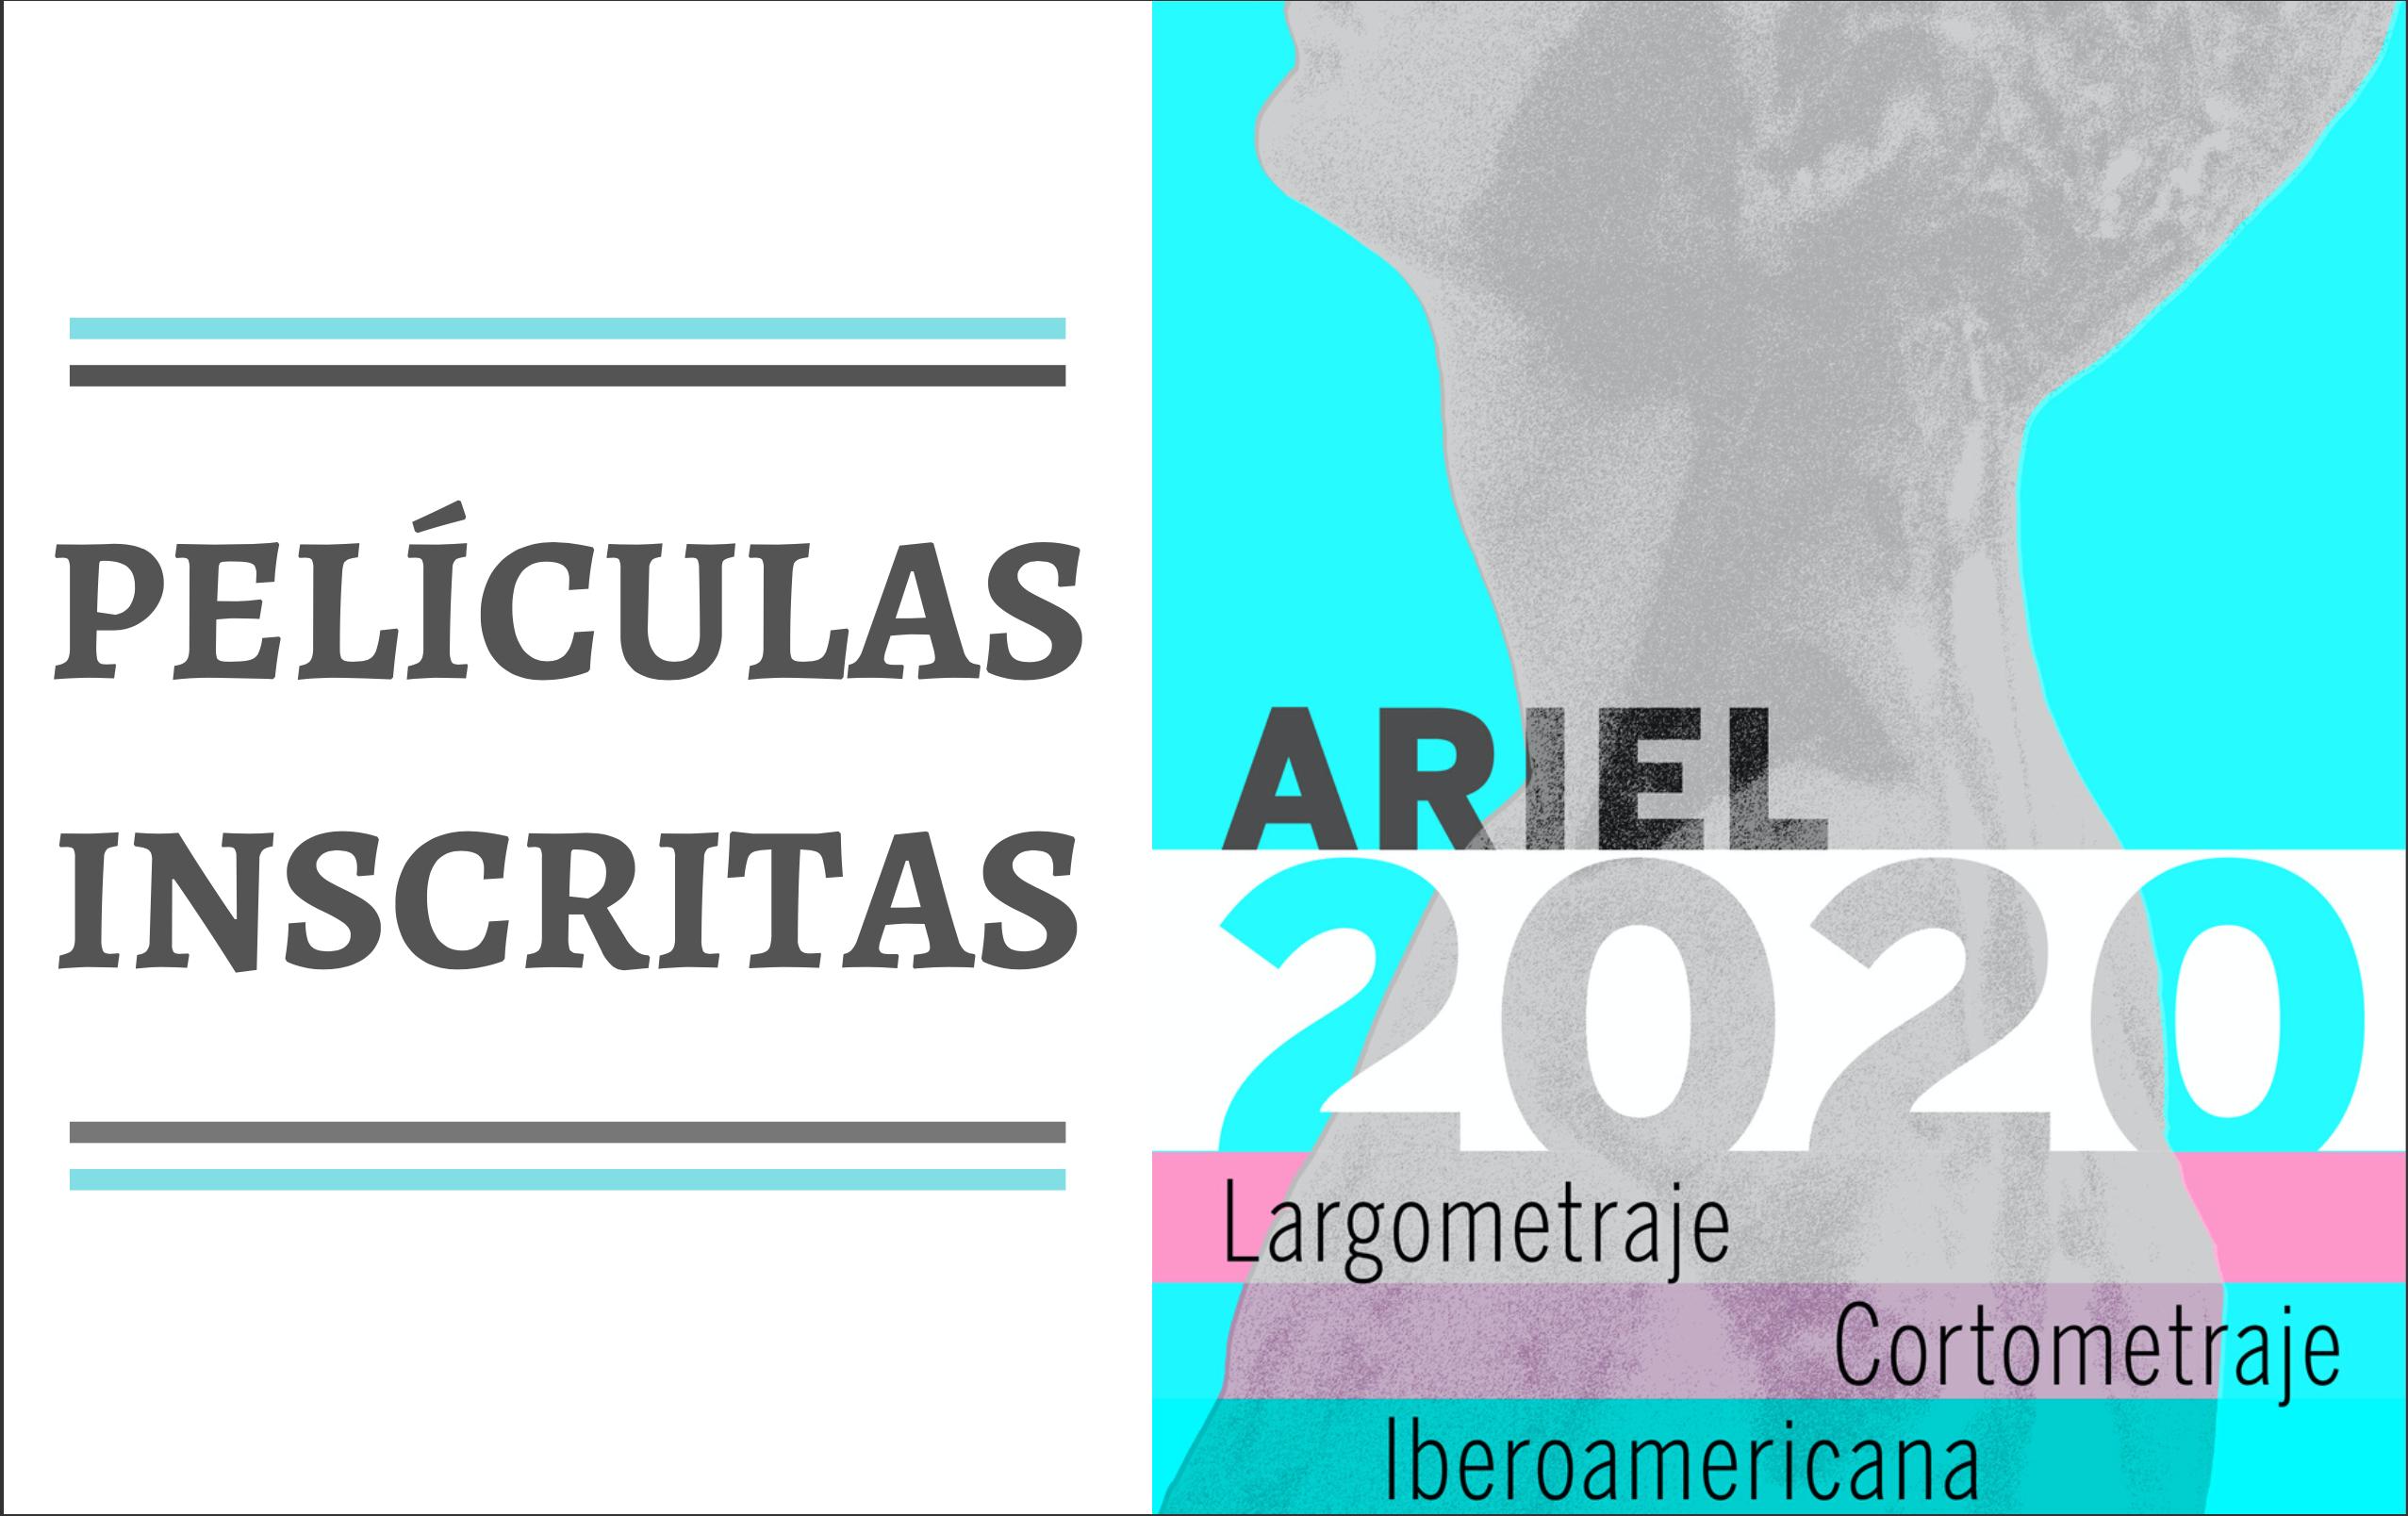 Películas inscritas  Ariel 2020